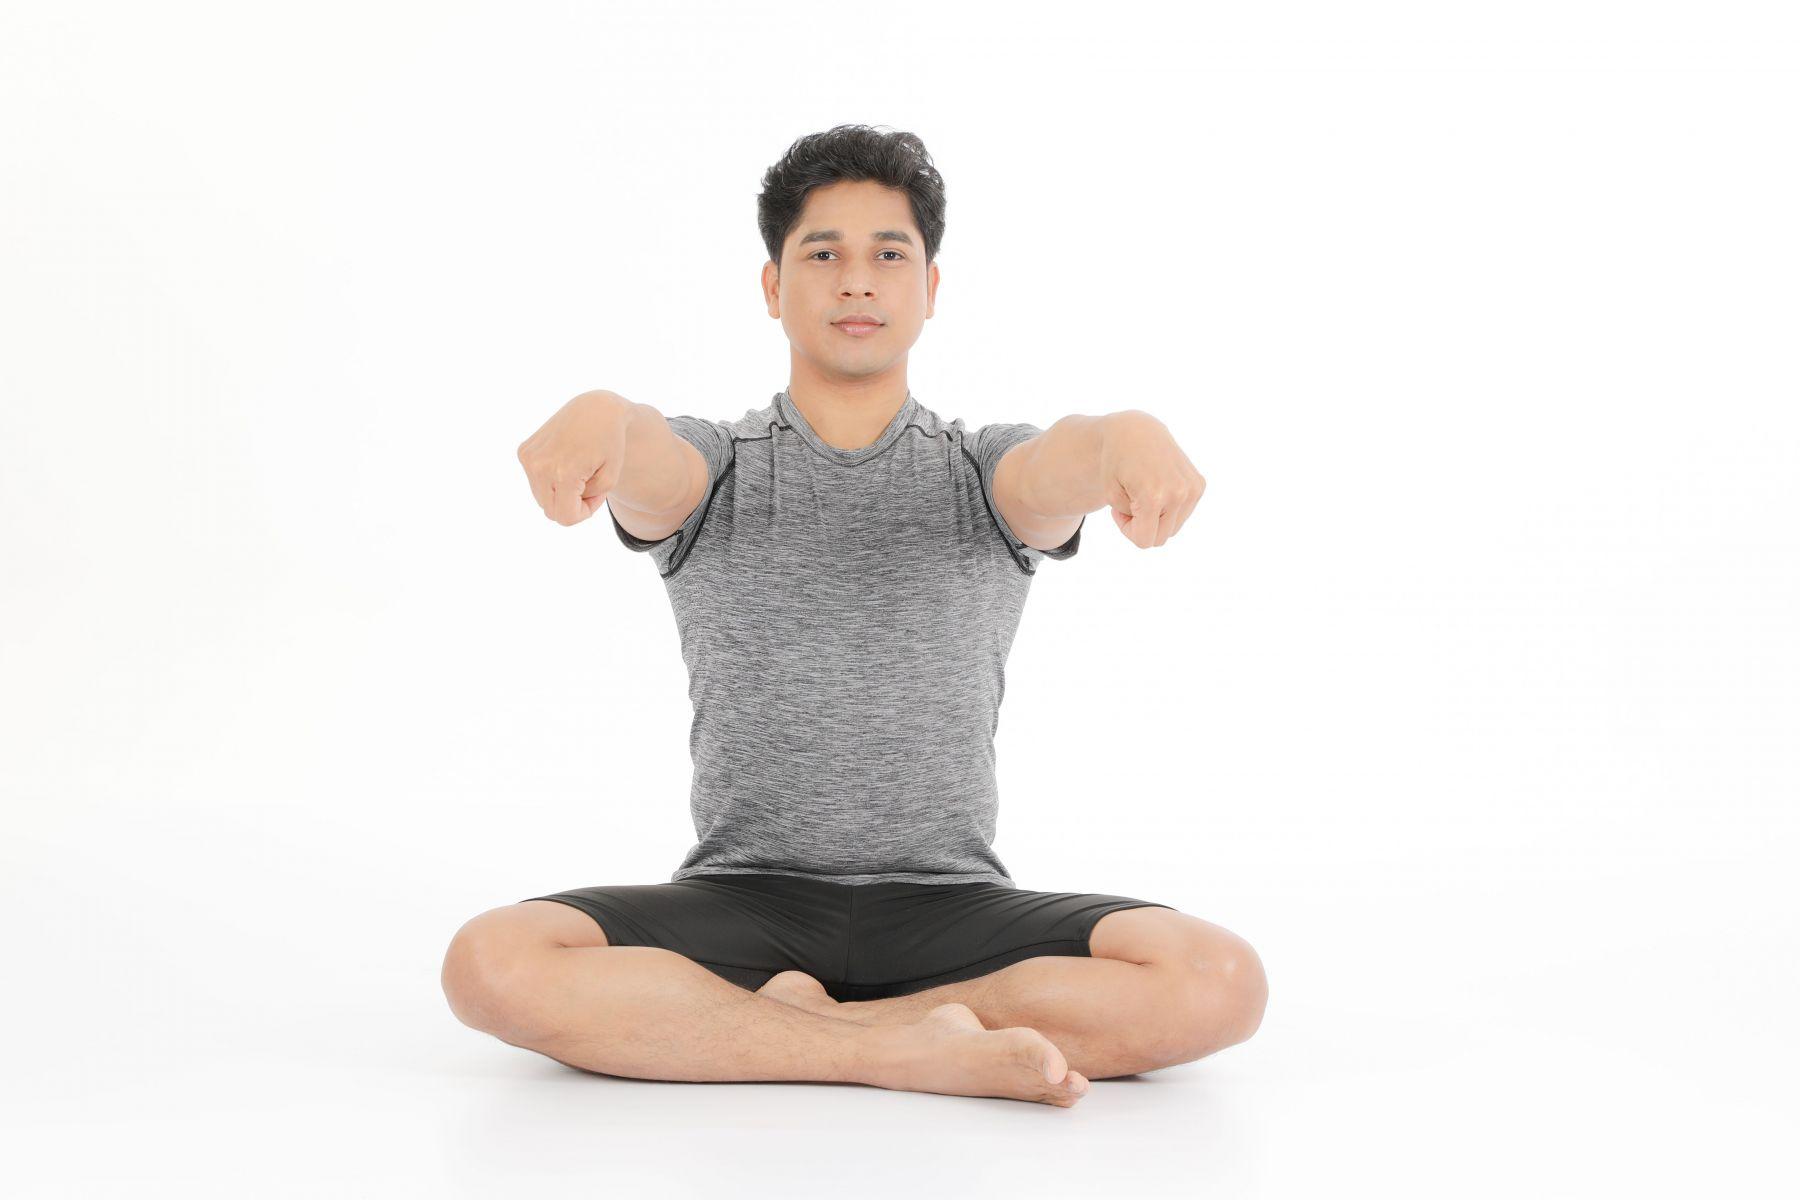 自然呼吸,雙手順時針方向轉動手腕,再以逆時針方向迴轉。